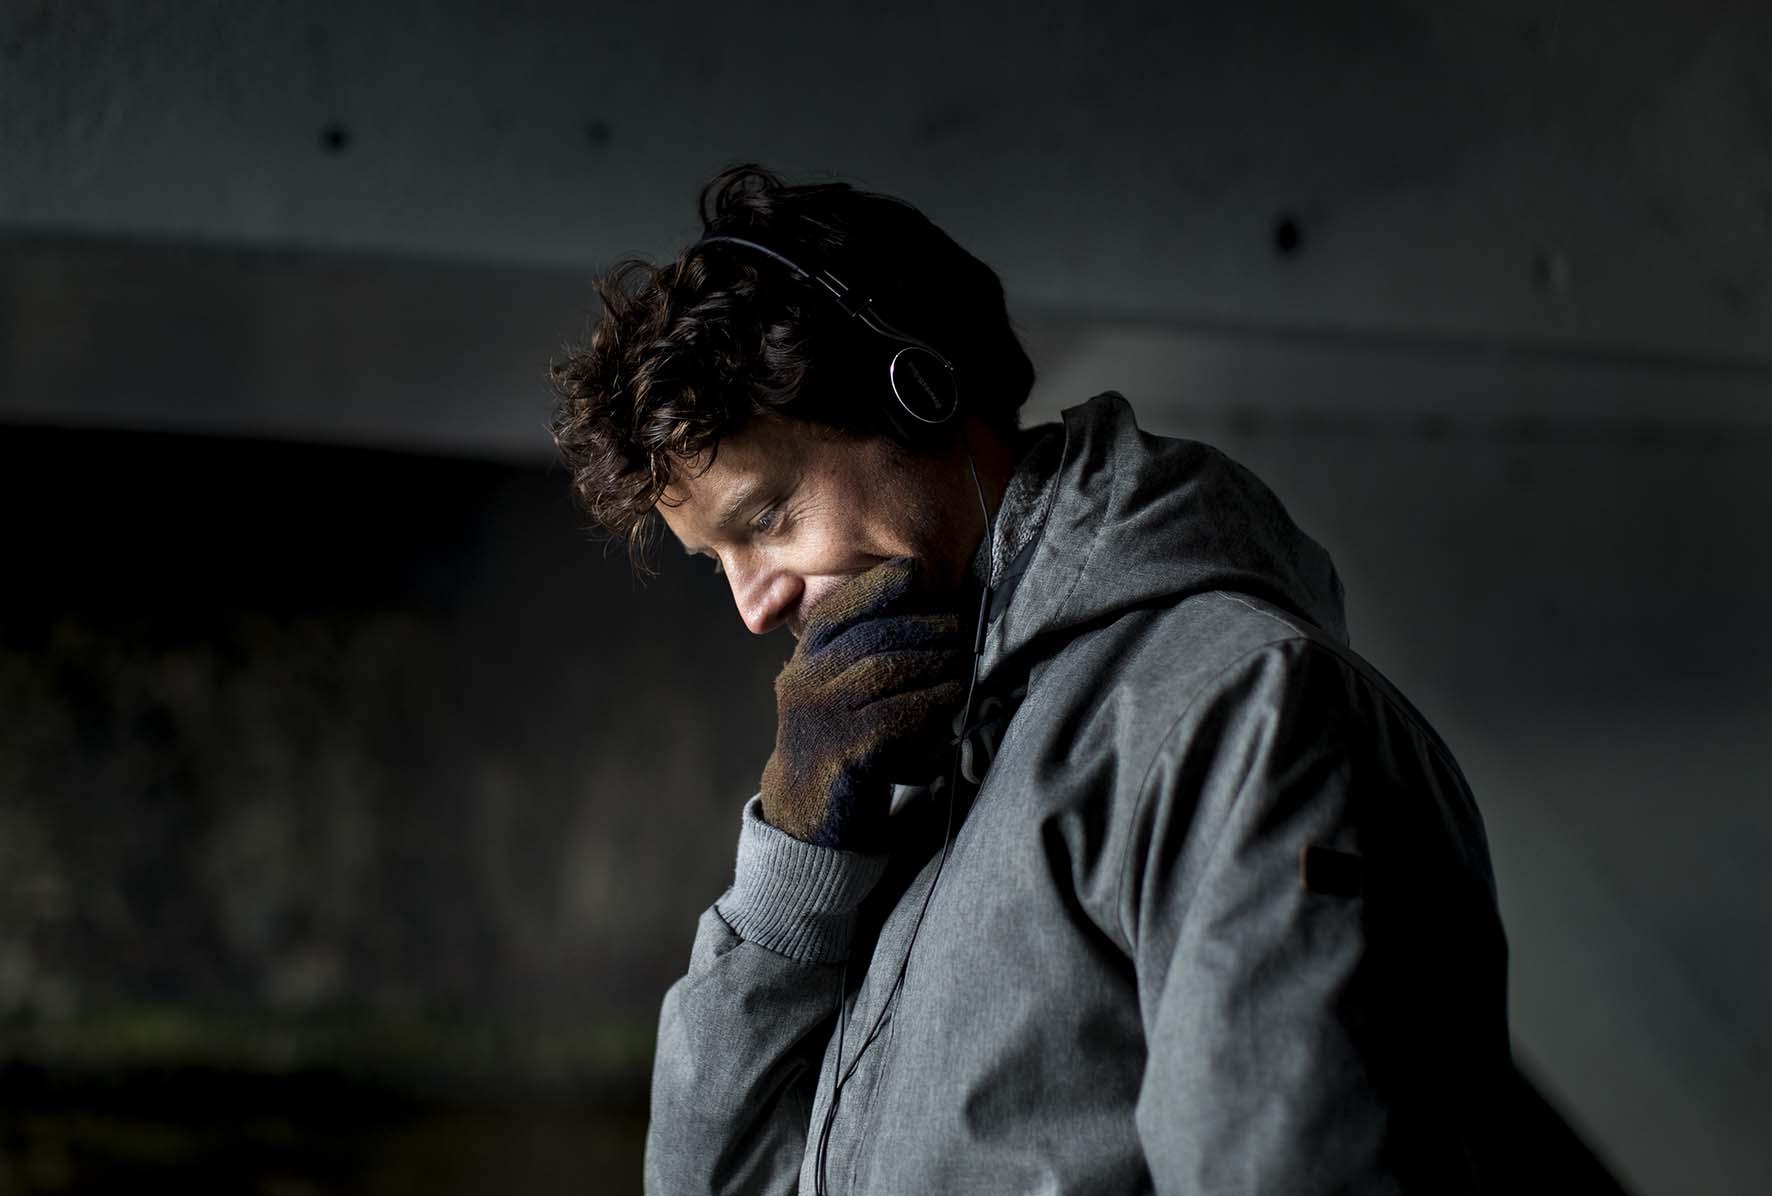 Nils vertelt Alles Goed over de doemgedachten tijdens zijn depressie